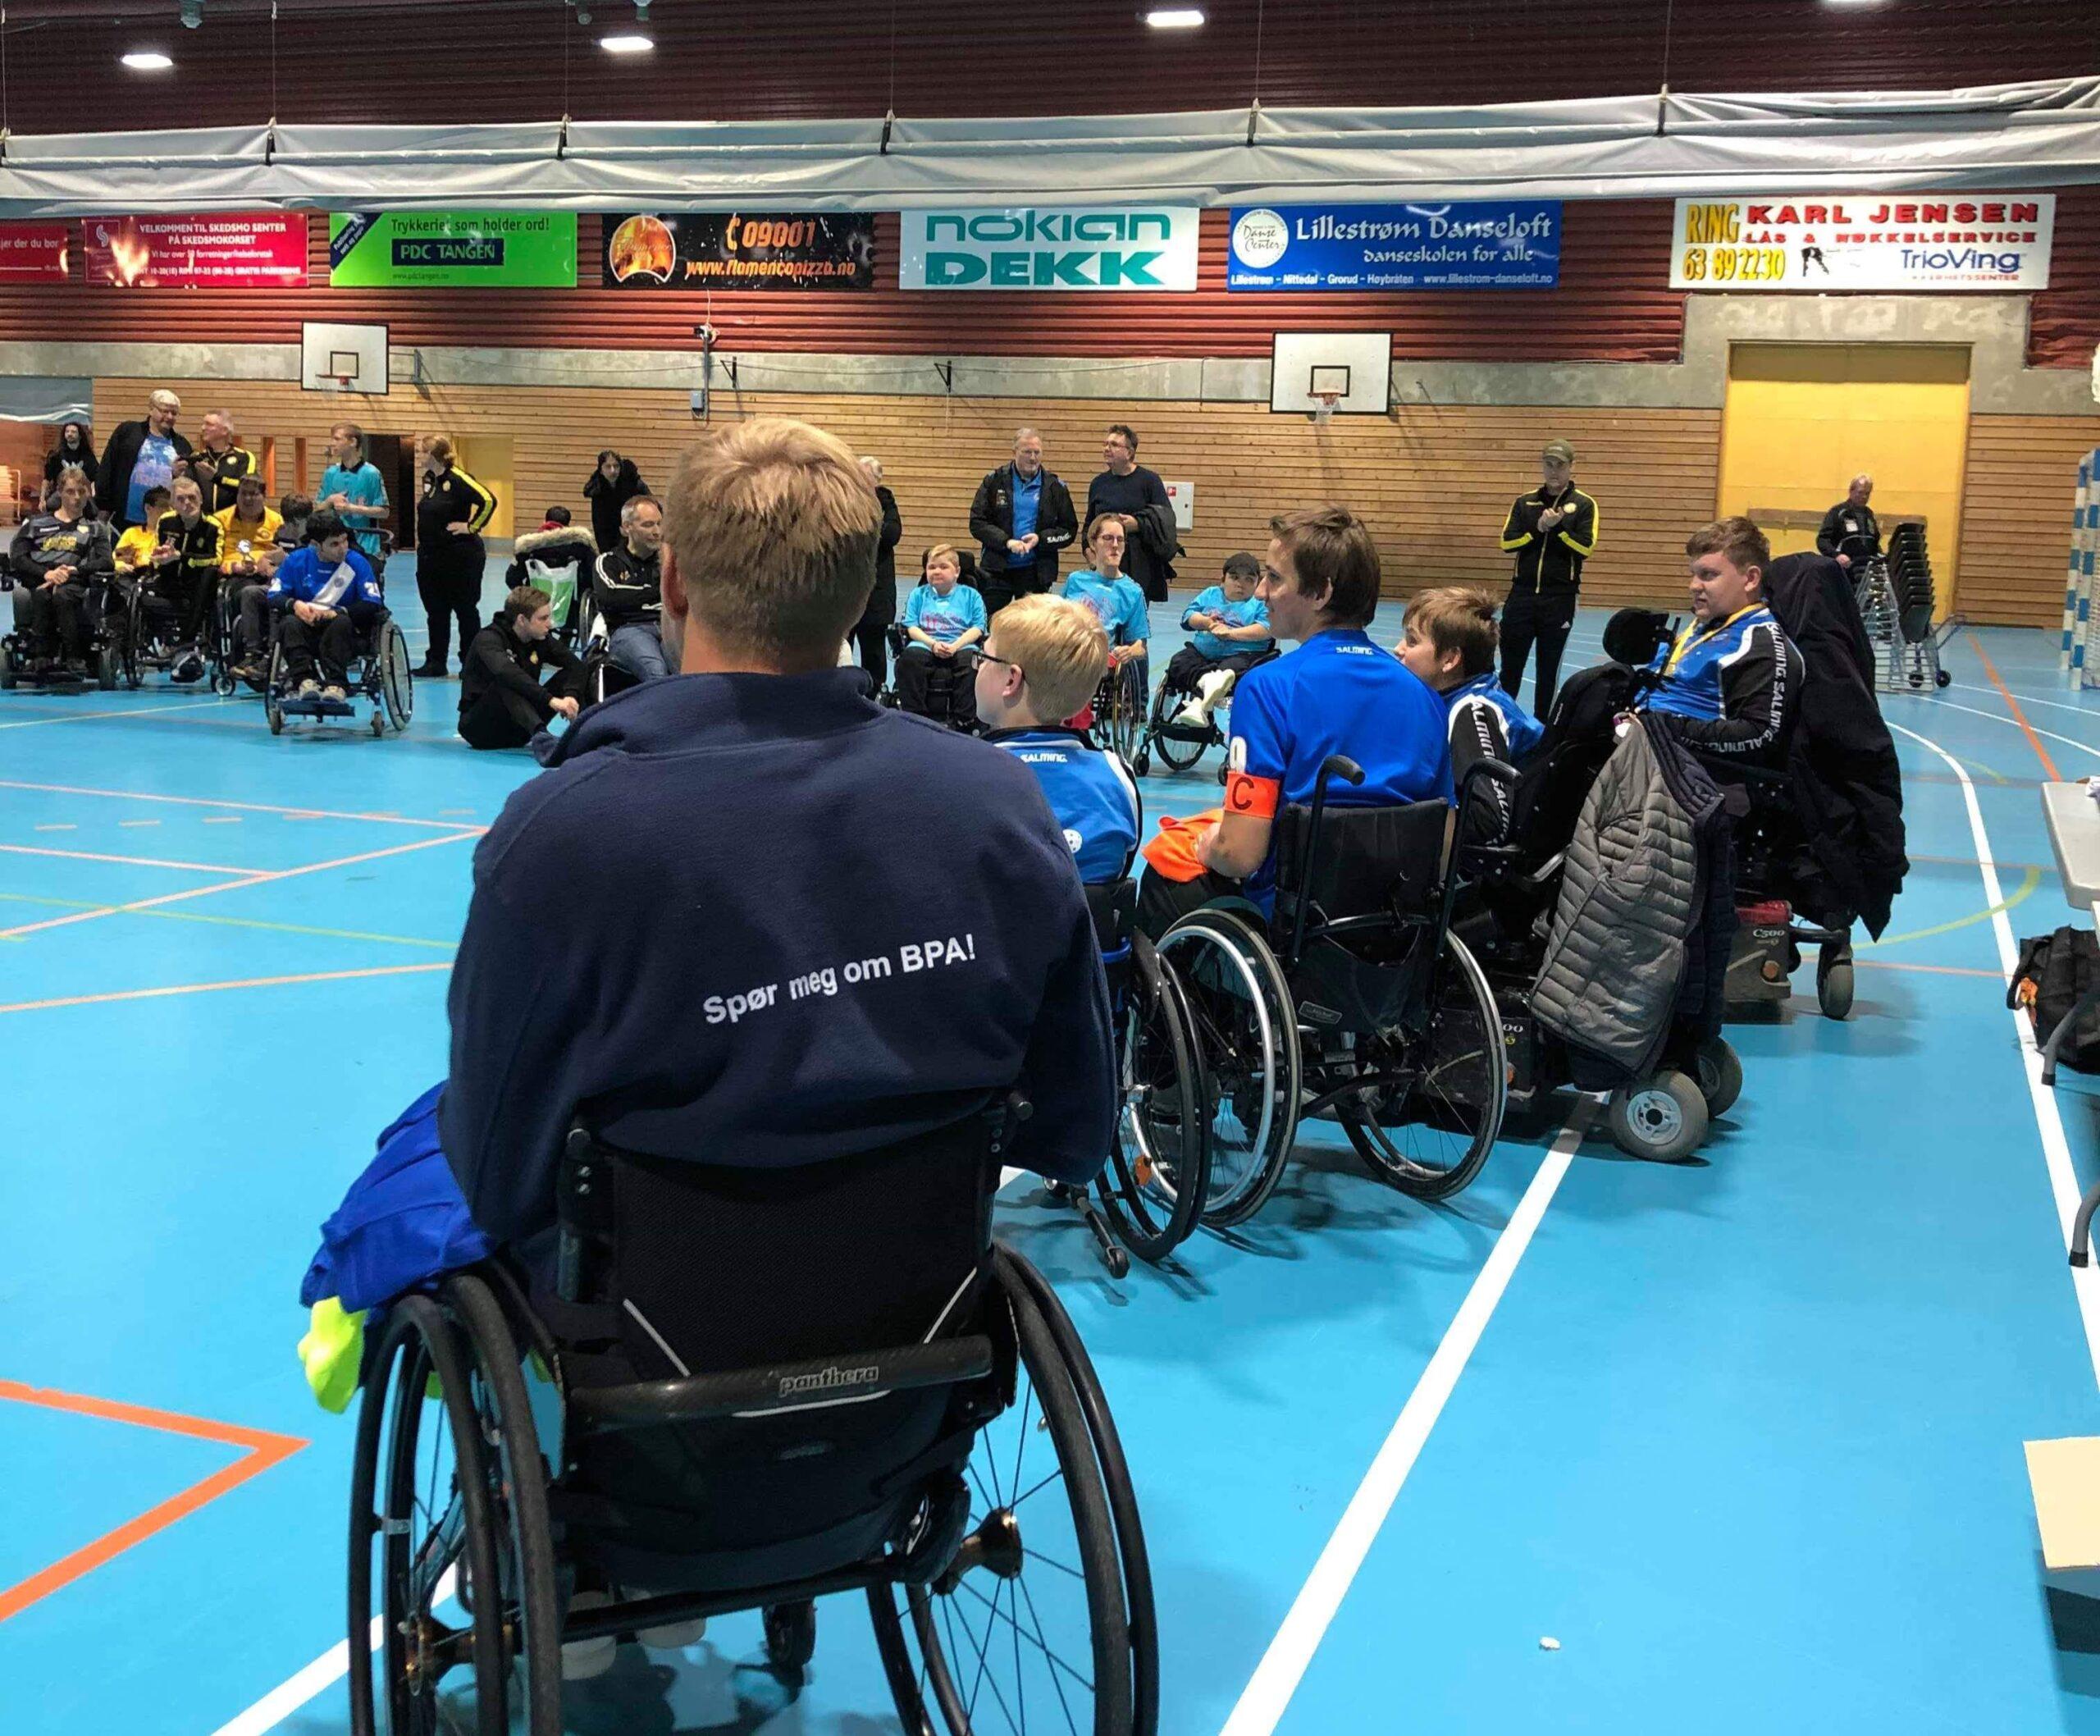 Bilde fra en innendørs treningsøkt i rullestolrugby. Lars Ivar Eilerås har ryggen mot kamera. Han har på seg en genser med påskriften «spør meg om BPA». Det er en rekke unge spillere i rullestol som kikker ut mot banen.